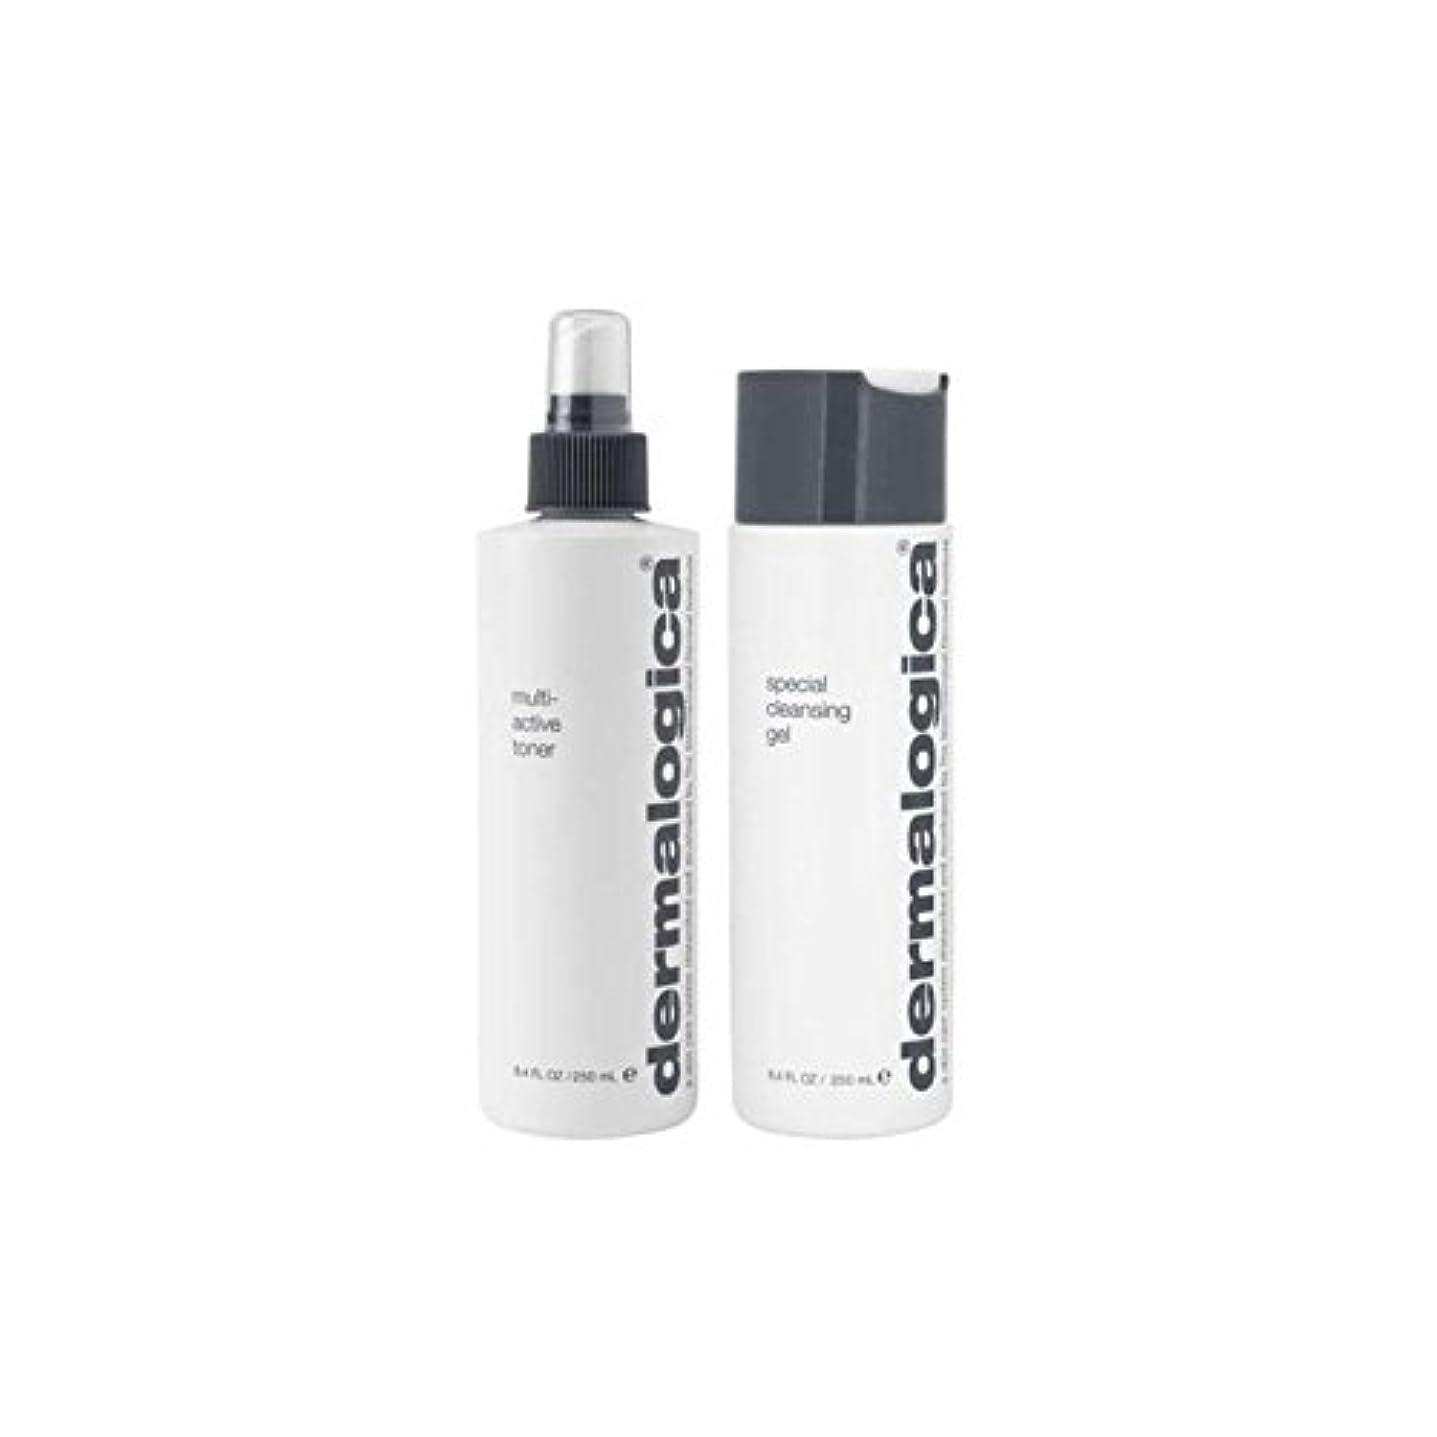 素子配列憧れDermalogica Cleanse & Tone Duo - Normal/Dry Skin (2 Products) - ダーマロジカクレンジング&トーンデュオ - ノーマル/ドライスキン(2製品) [並行輸入品]